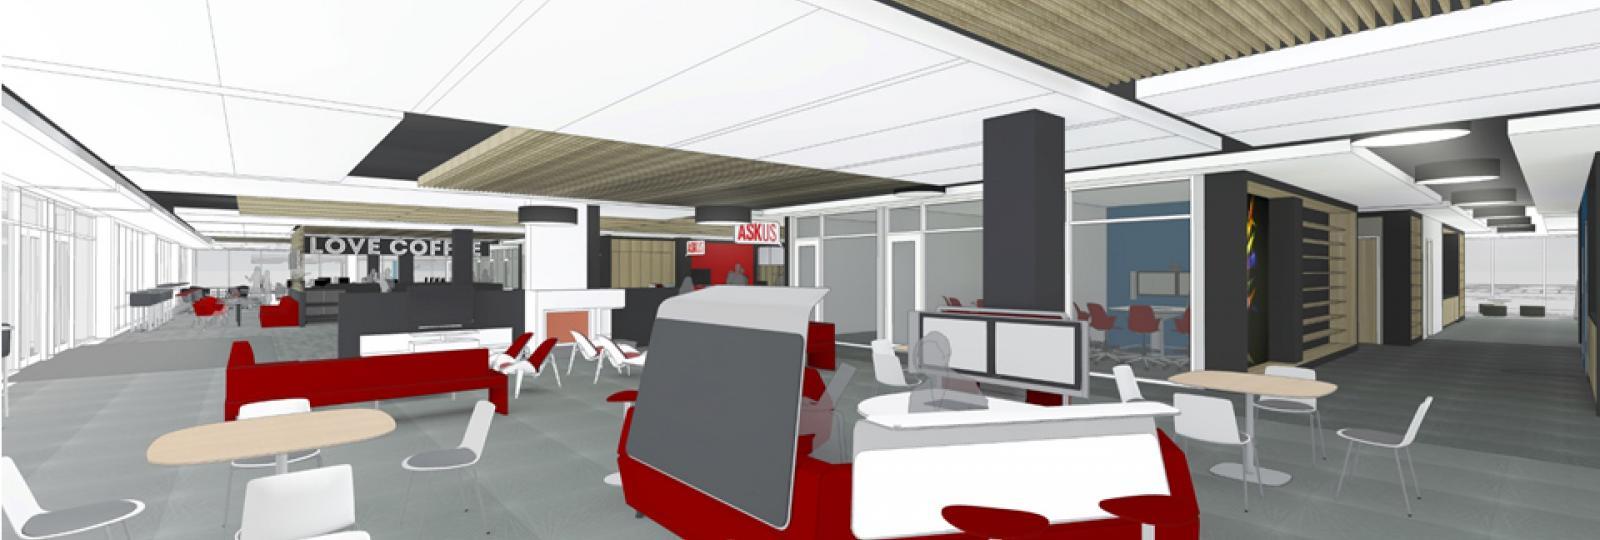 Captivating Interior Design And Architecutral Plans